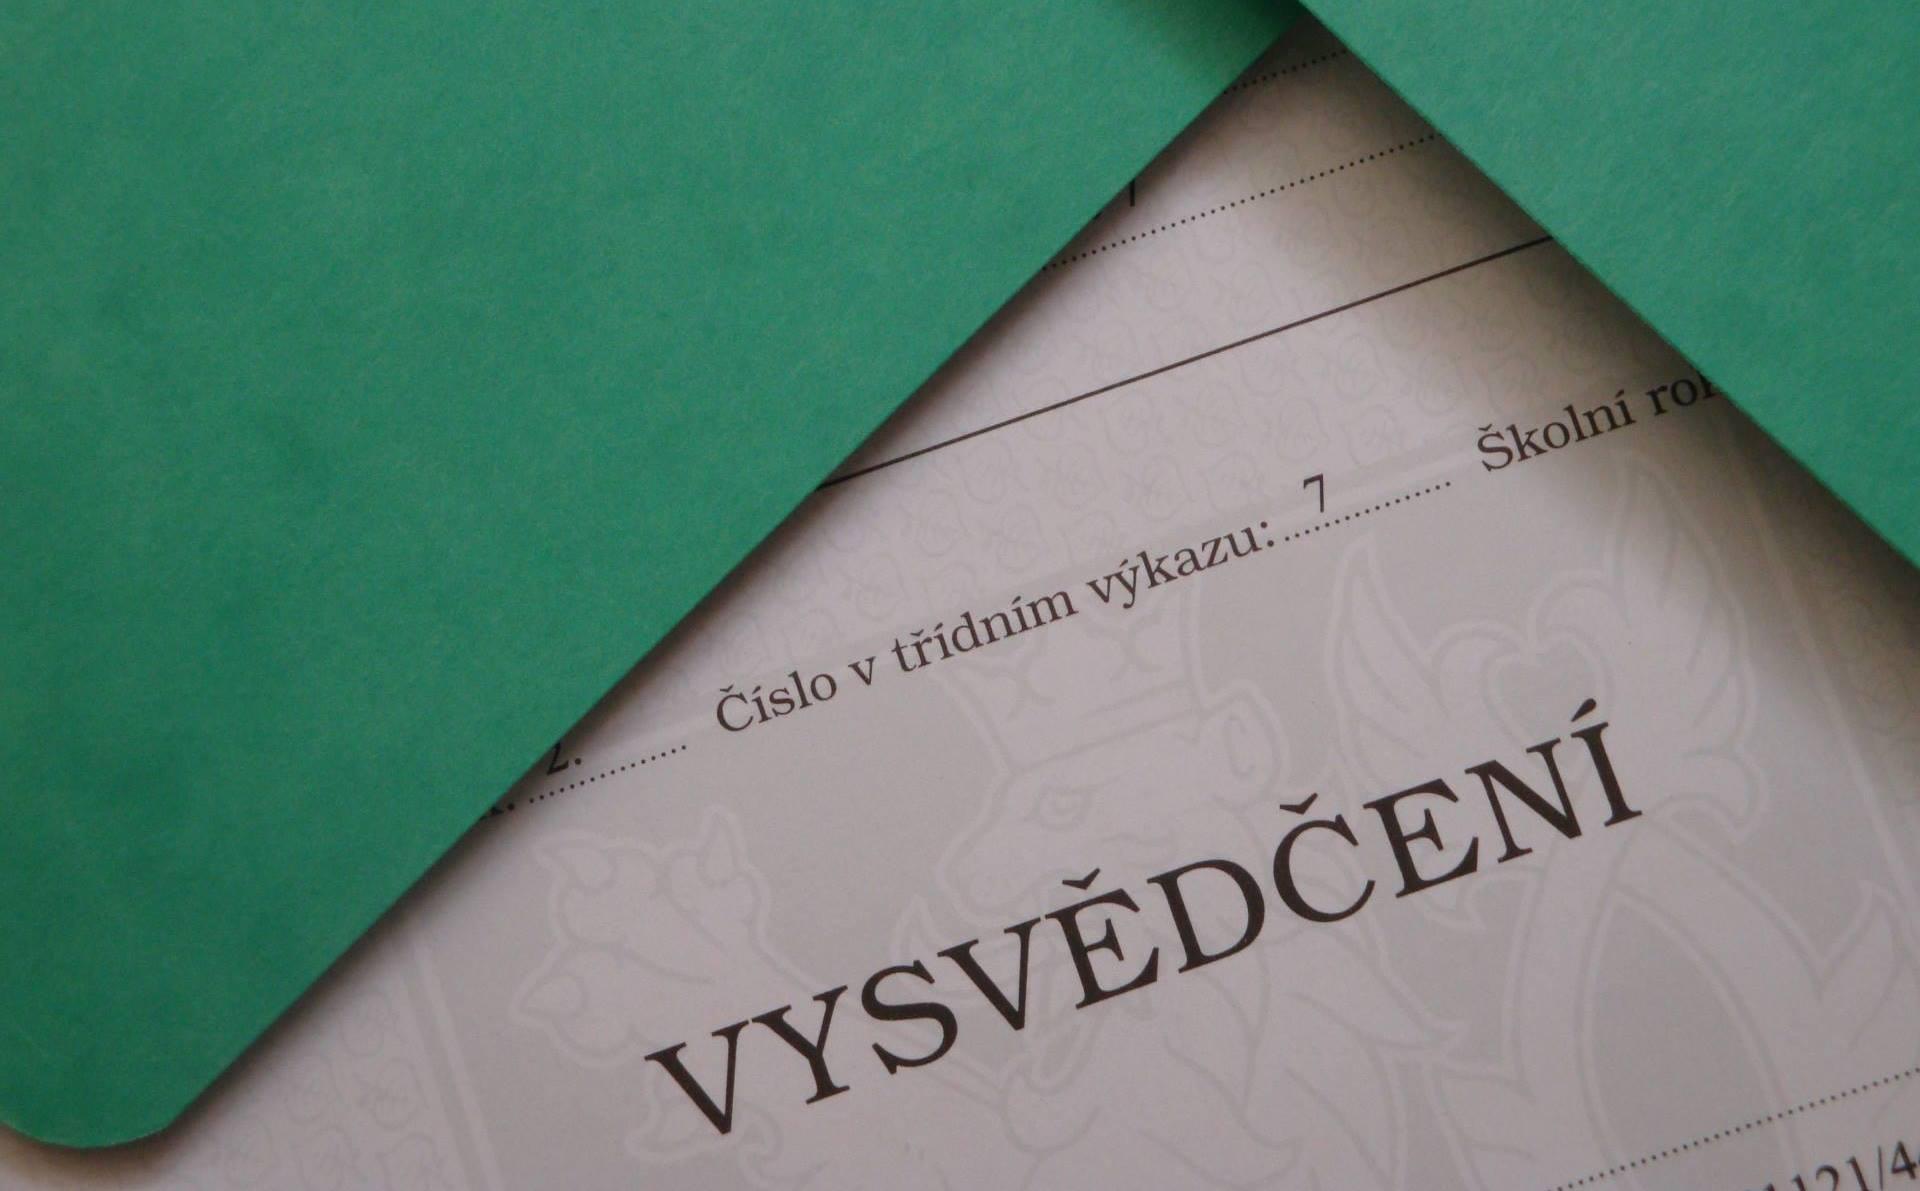 Zaveď slovní hodnocení při vysvědčení na svojí škole!